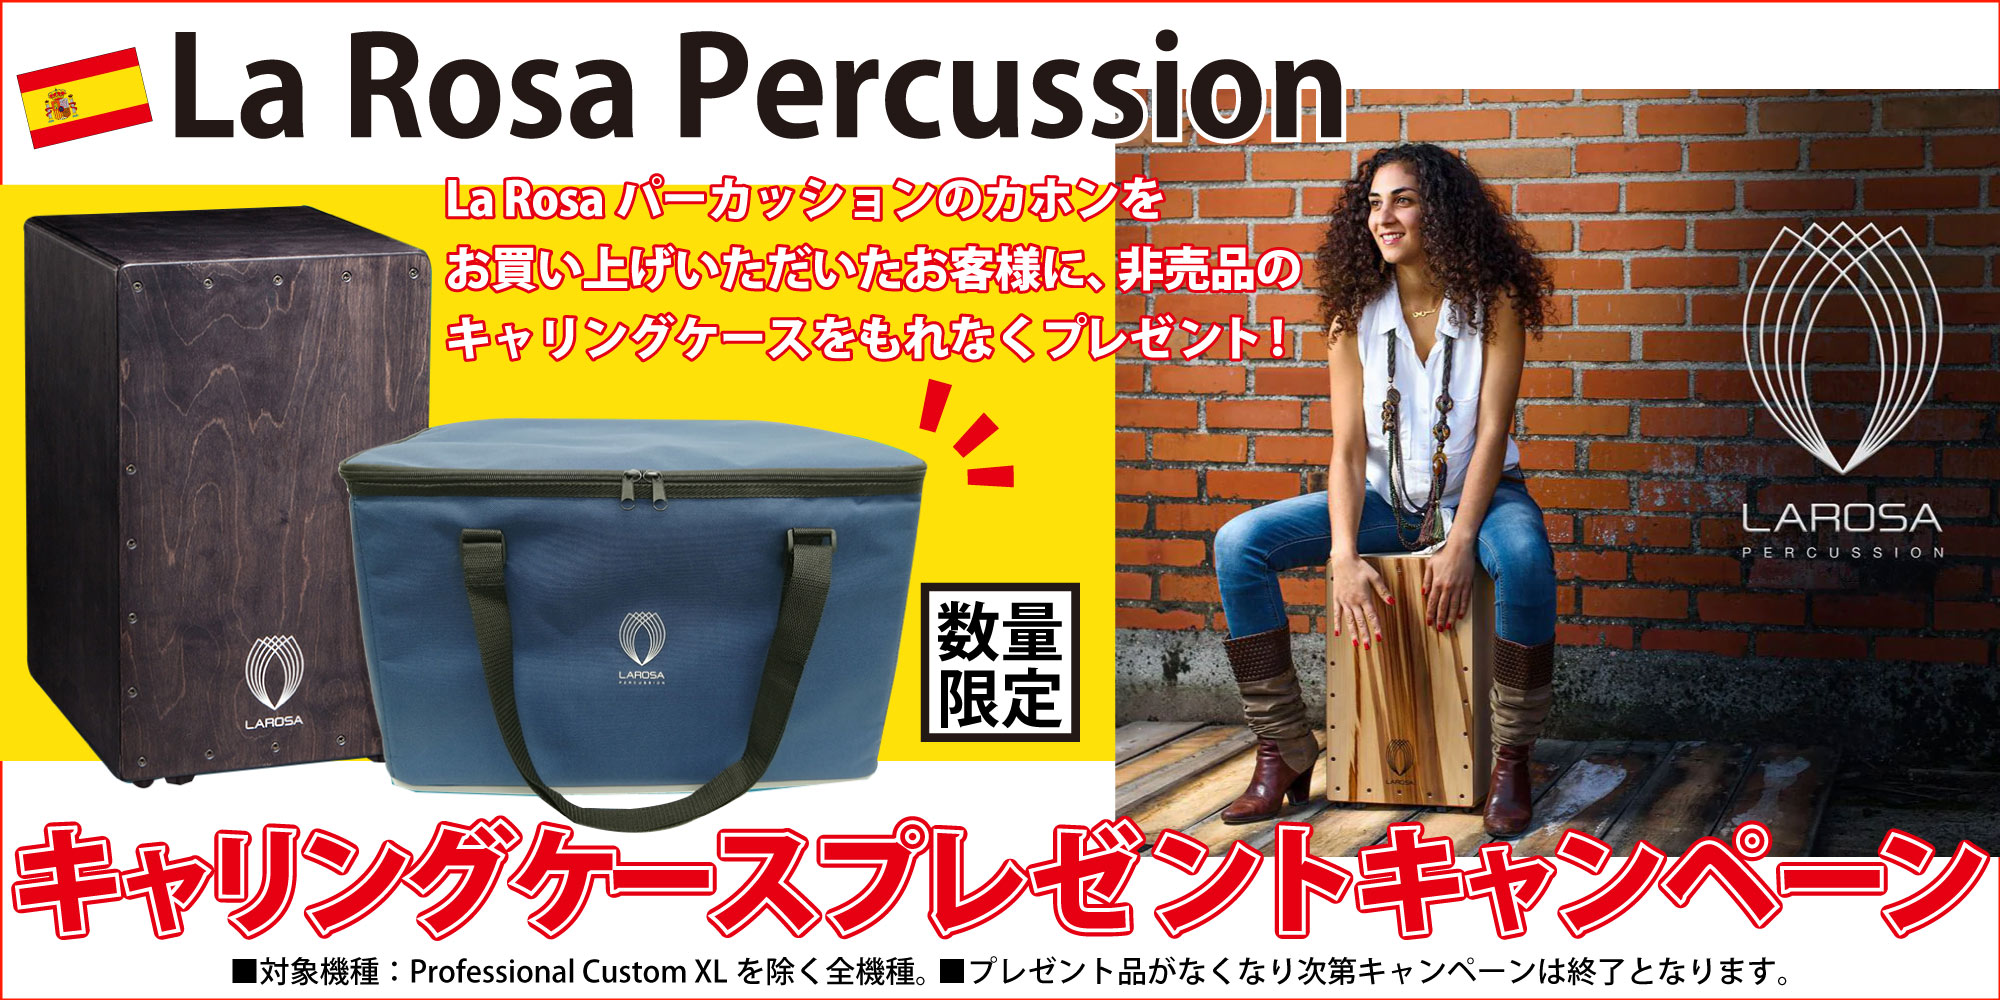 【LaRosaカホンキャリングケース・プレゼントキャンペーン!』 イベントレポート】